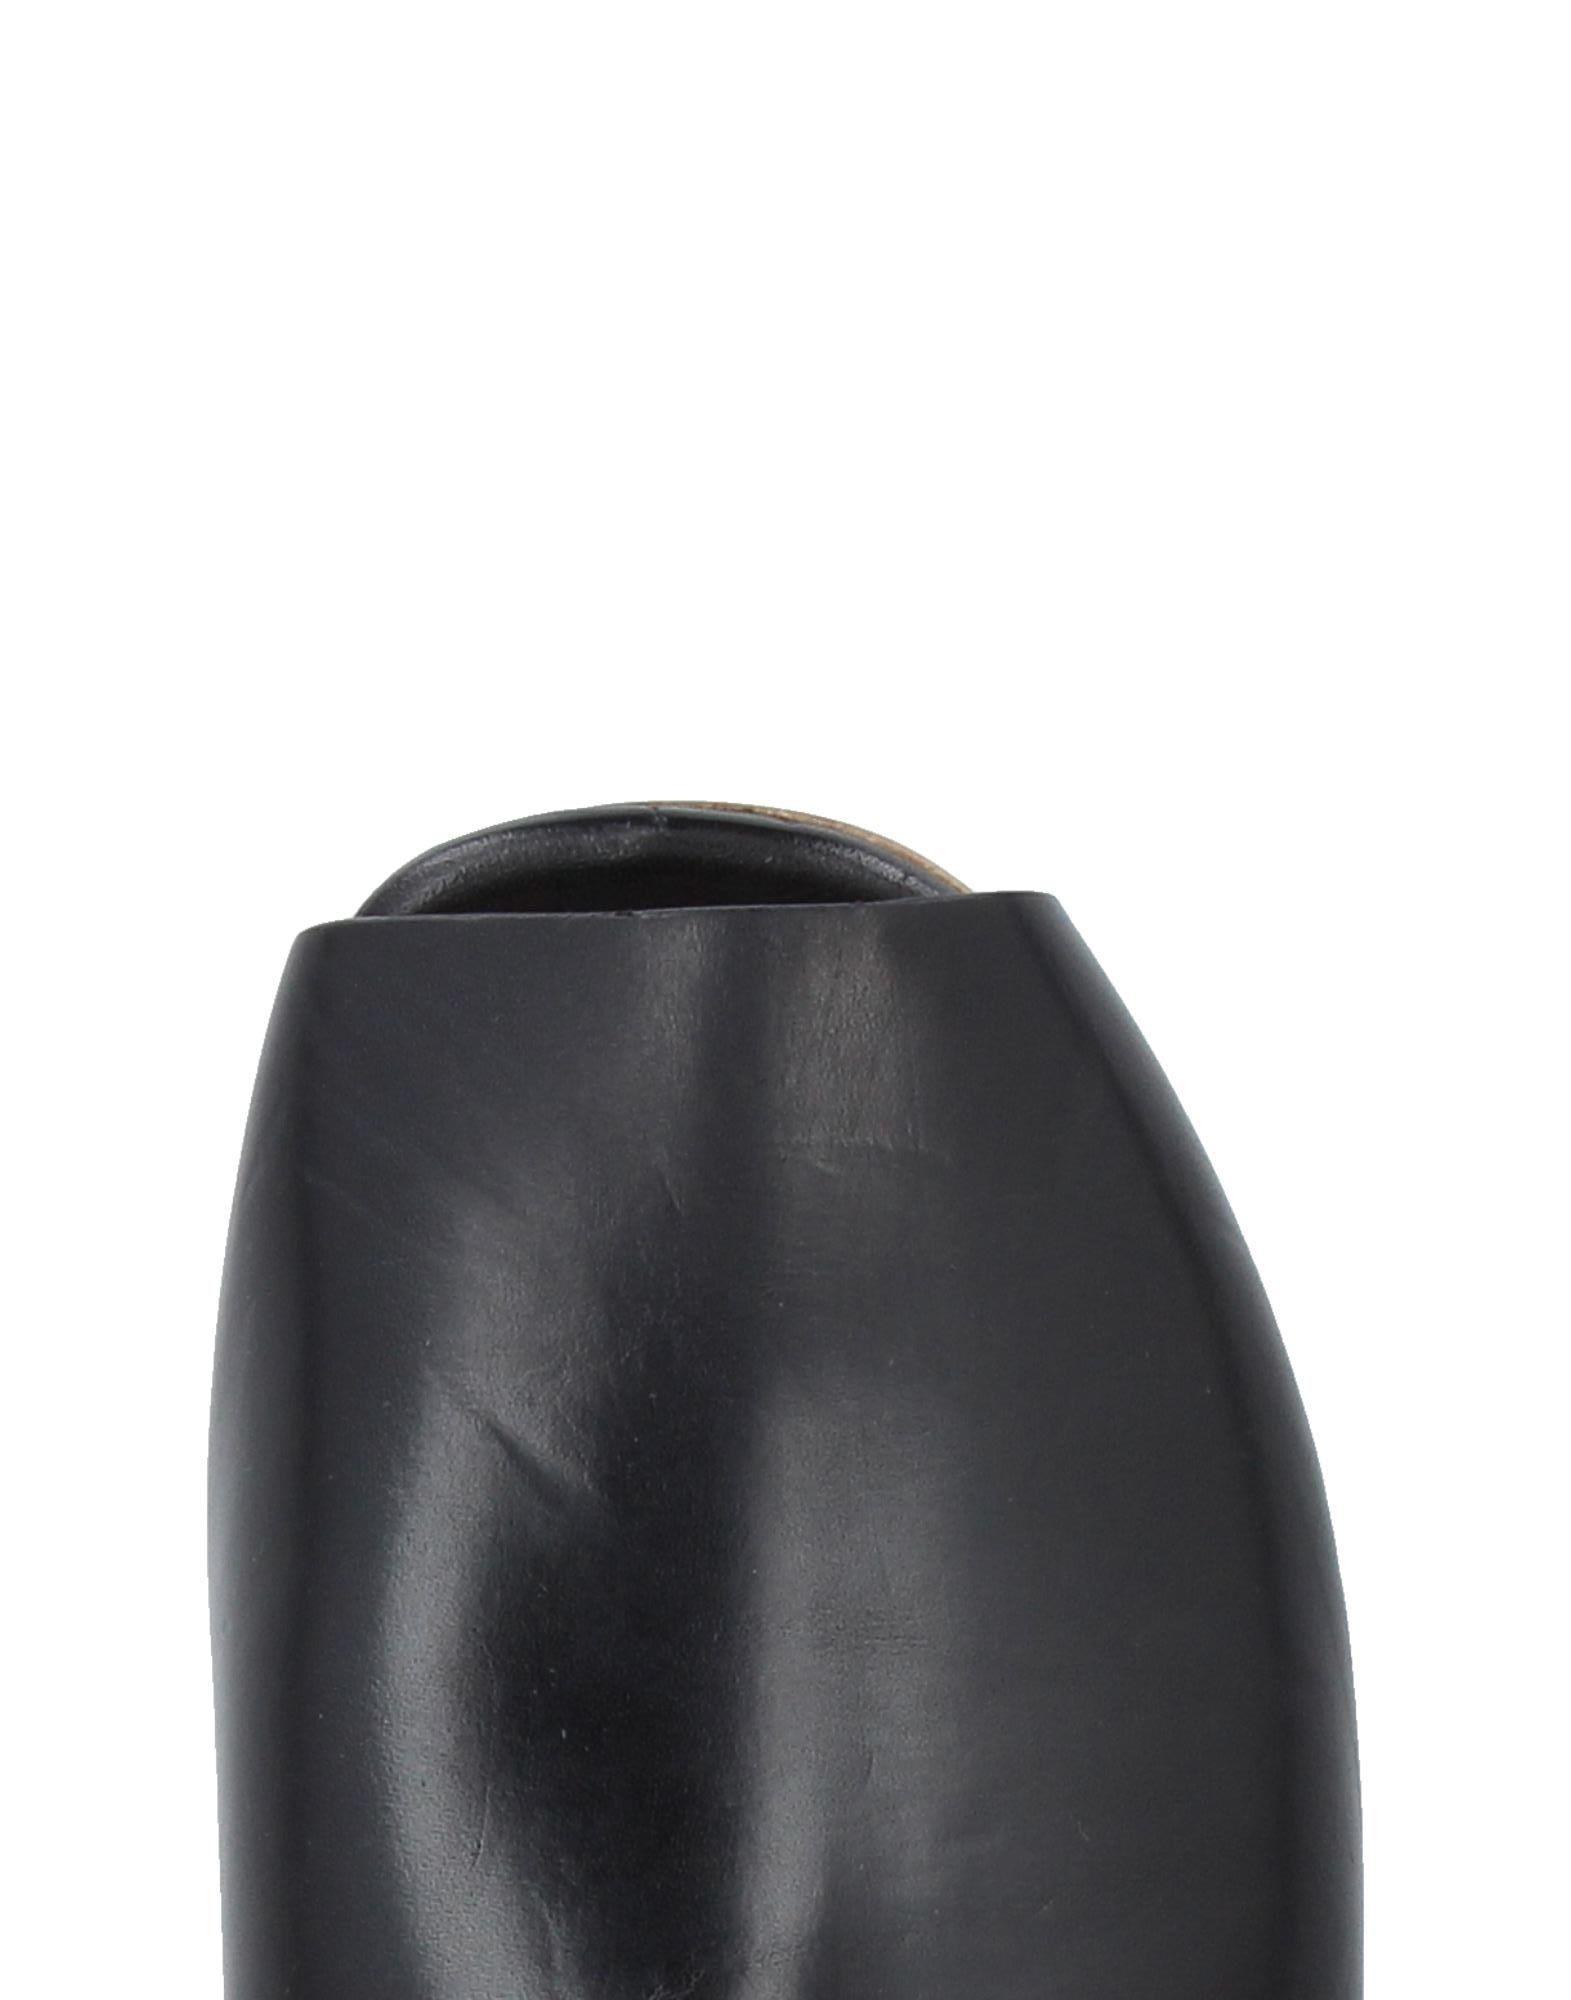 Rick Owens Sandalen aussehende Damen  11395495XKGünstige gut aussehende Sandalen Schuhe 3f8db6